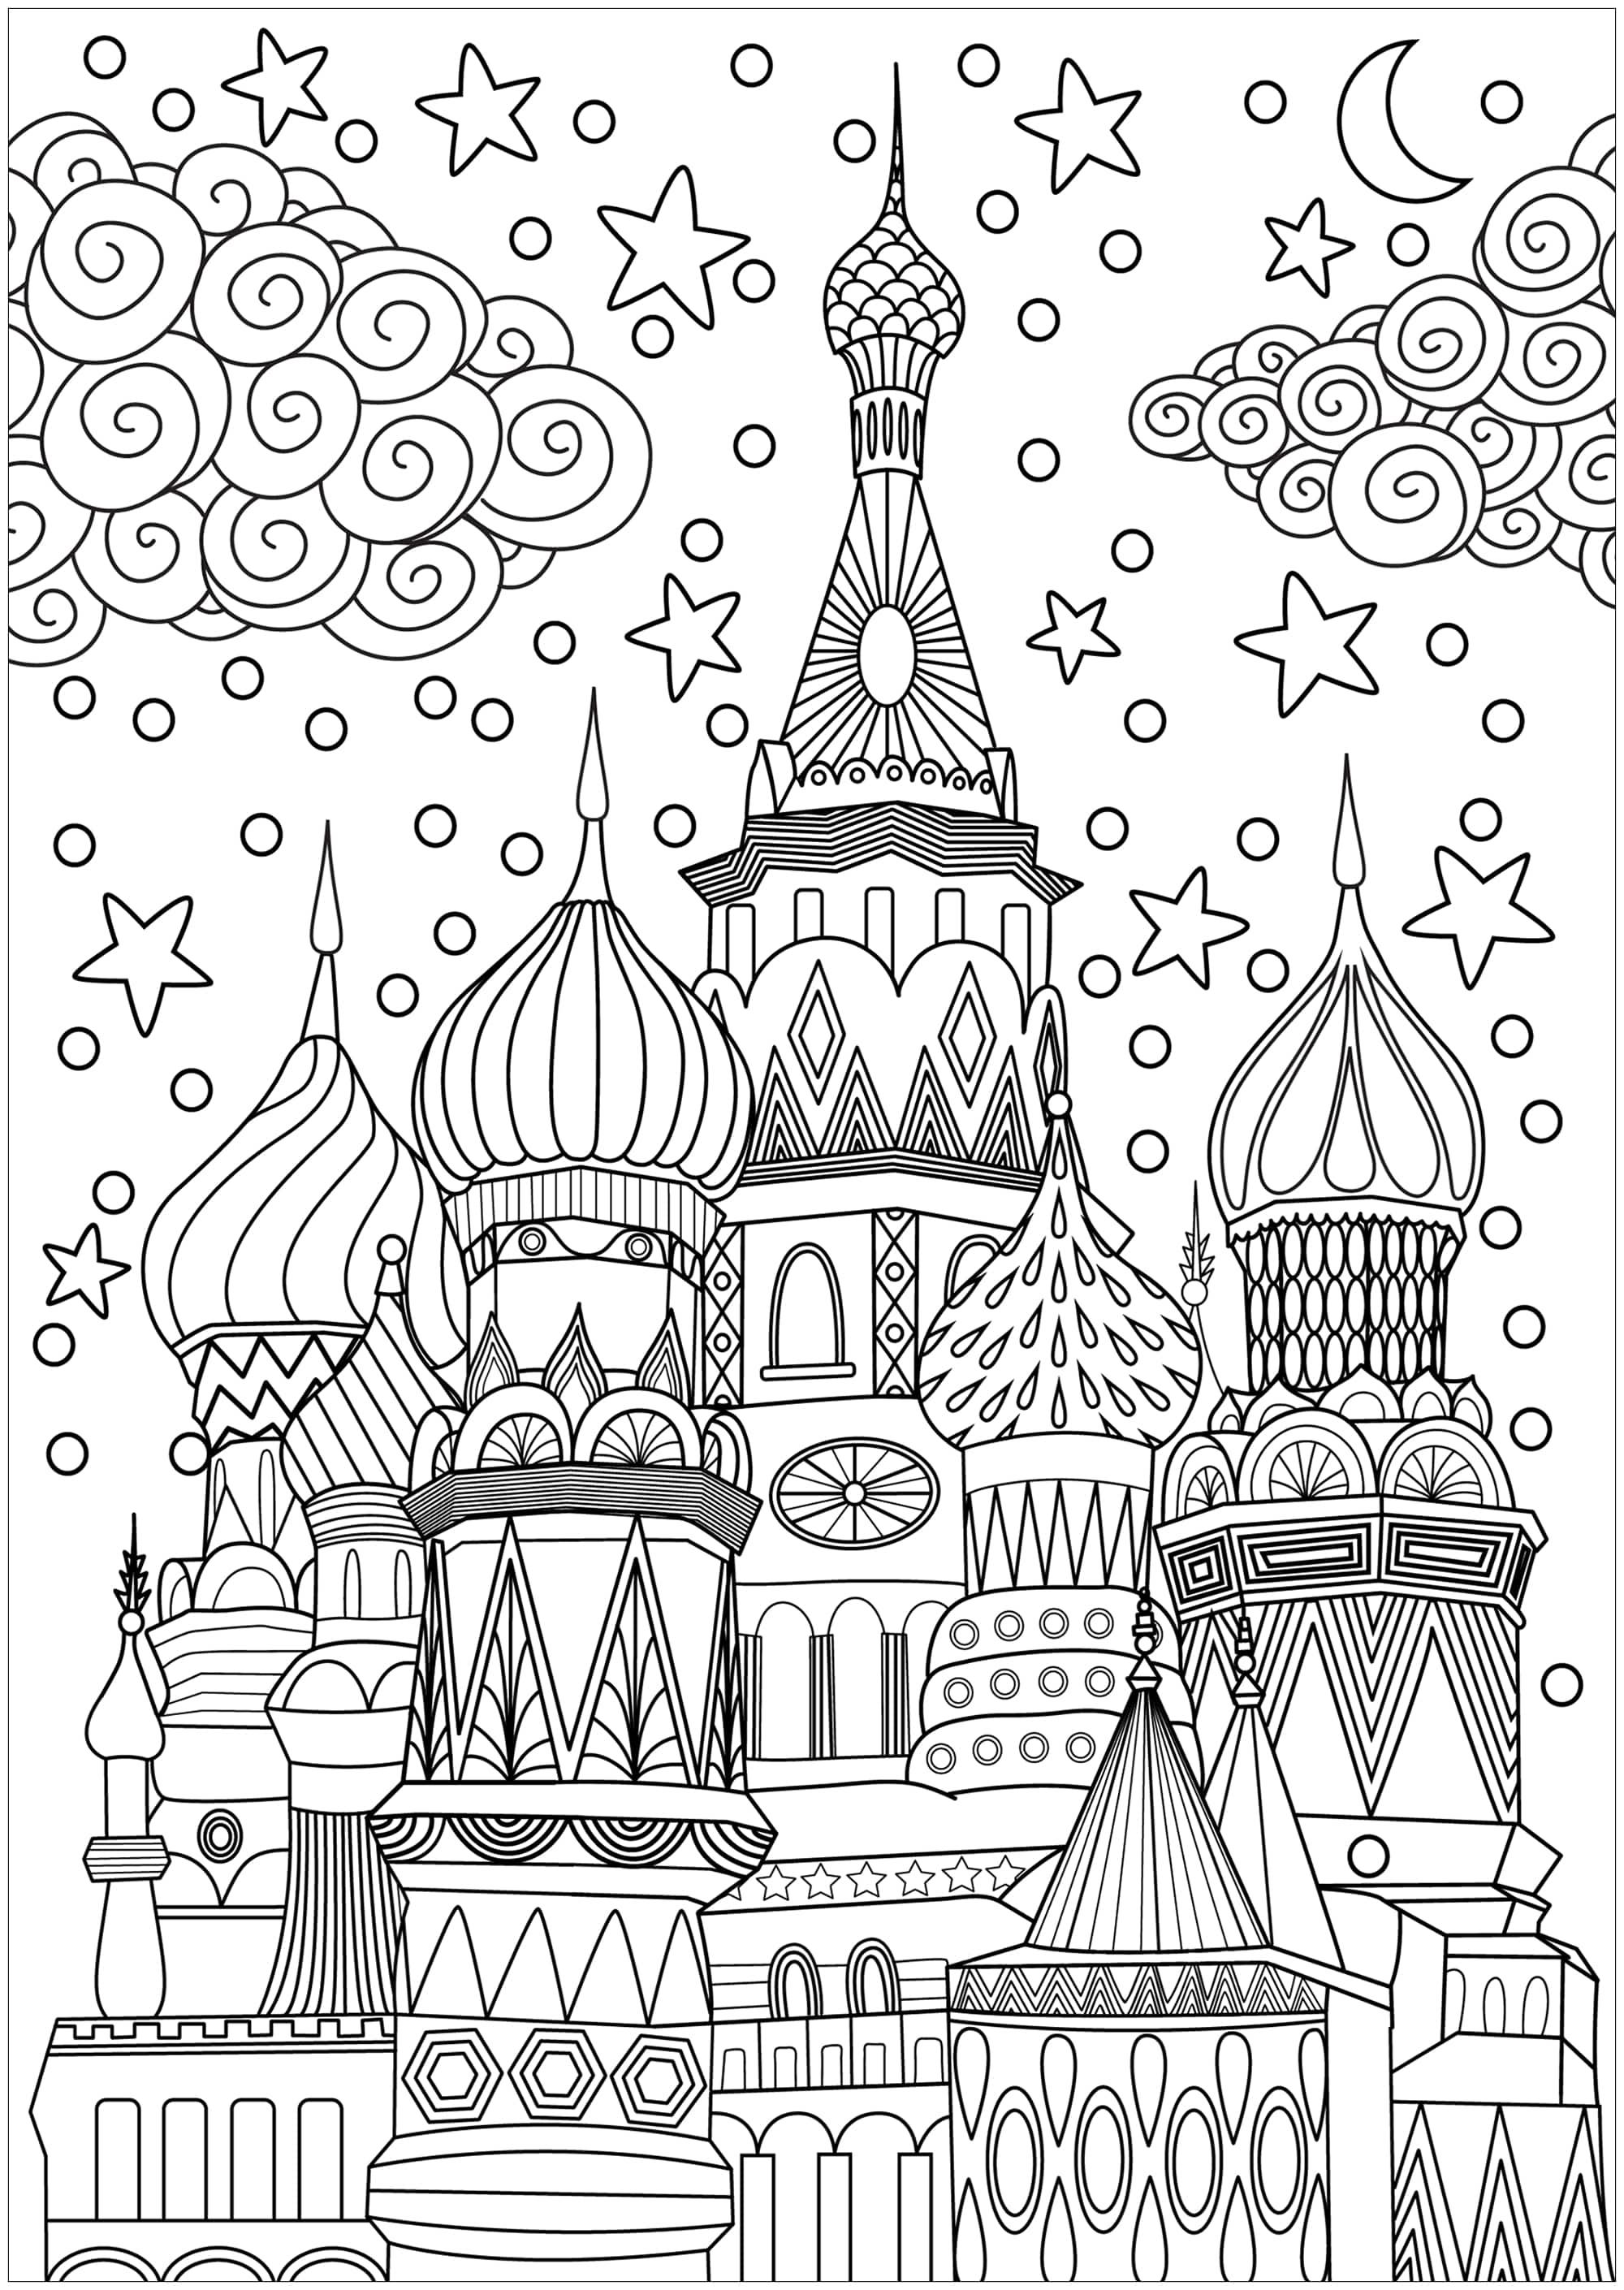 Dessin original à colorier représentant la Place Rouge à Moscou, avec un ciel plein d'étoiles, de nuages et de neige.